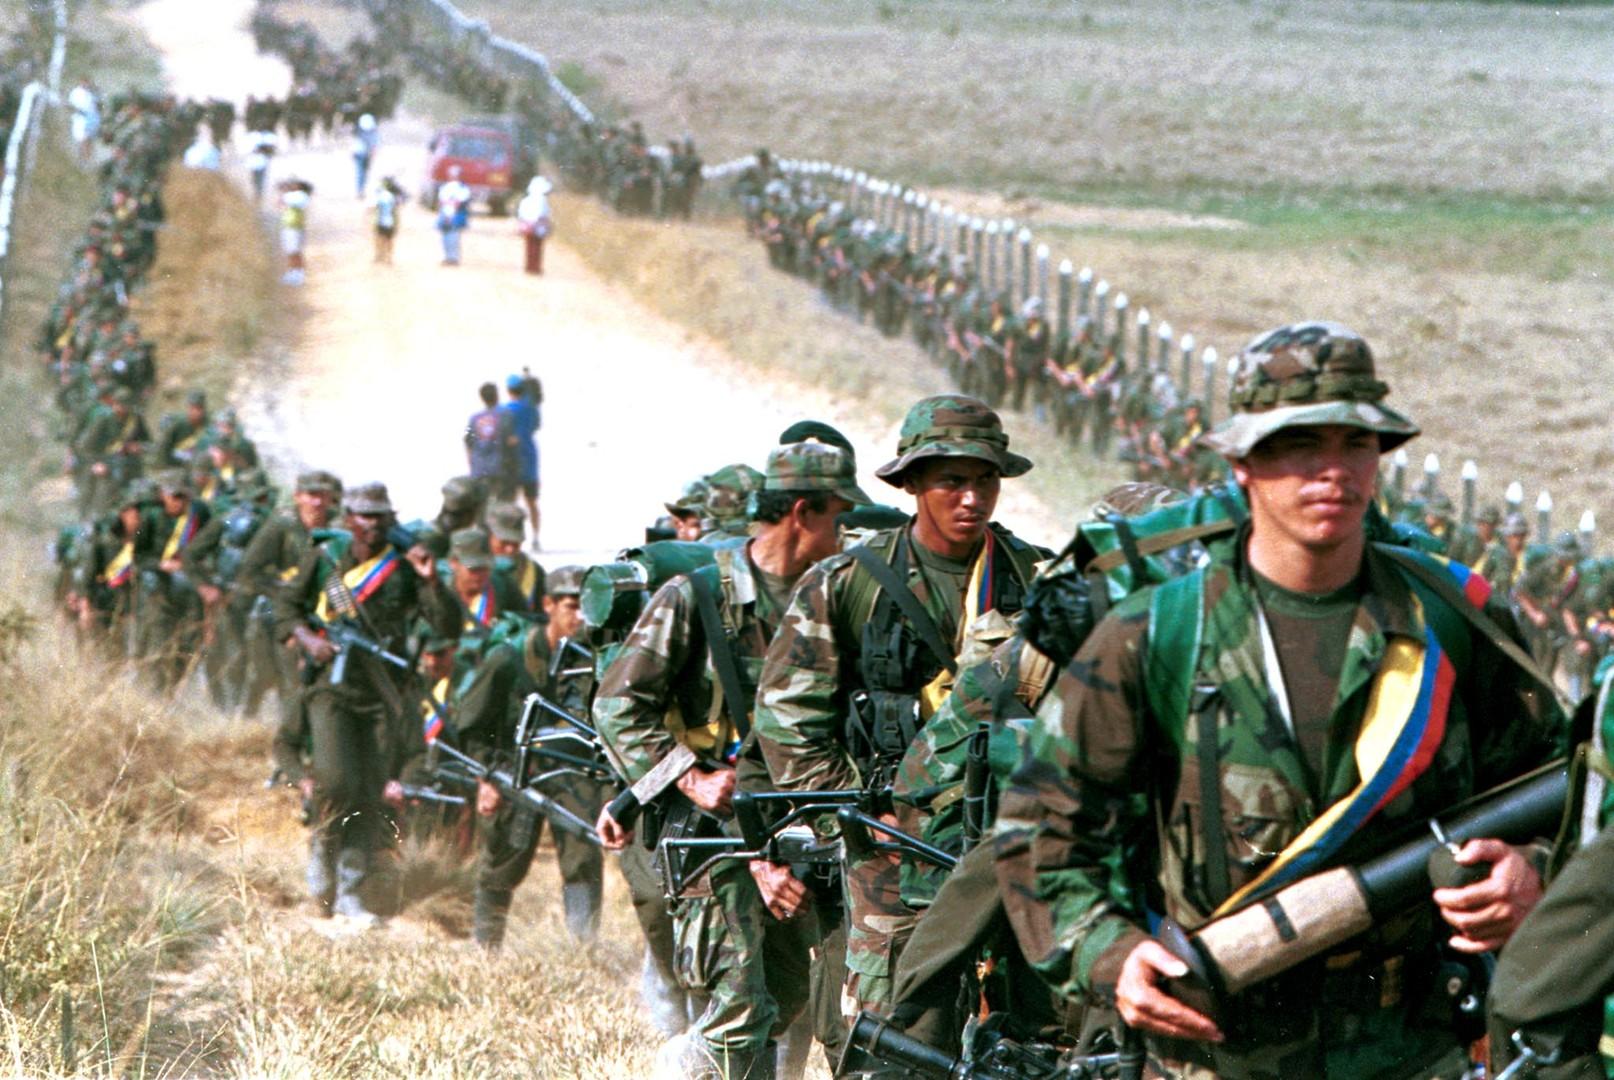 Waffenstillstand in Kolumbien: Vorläufiges Ende eines 50-jährigen Bürgerkriegs